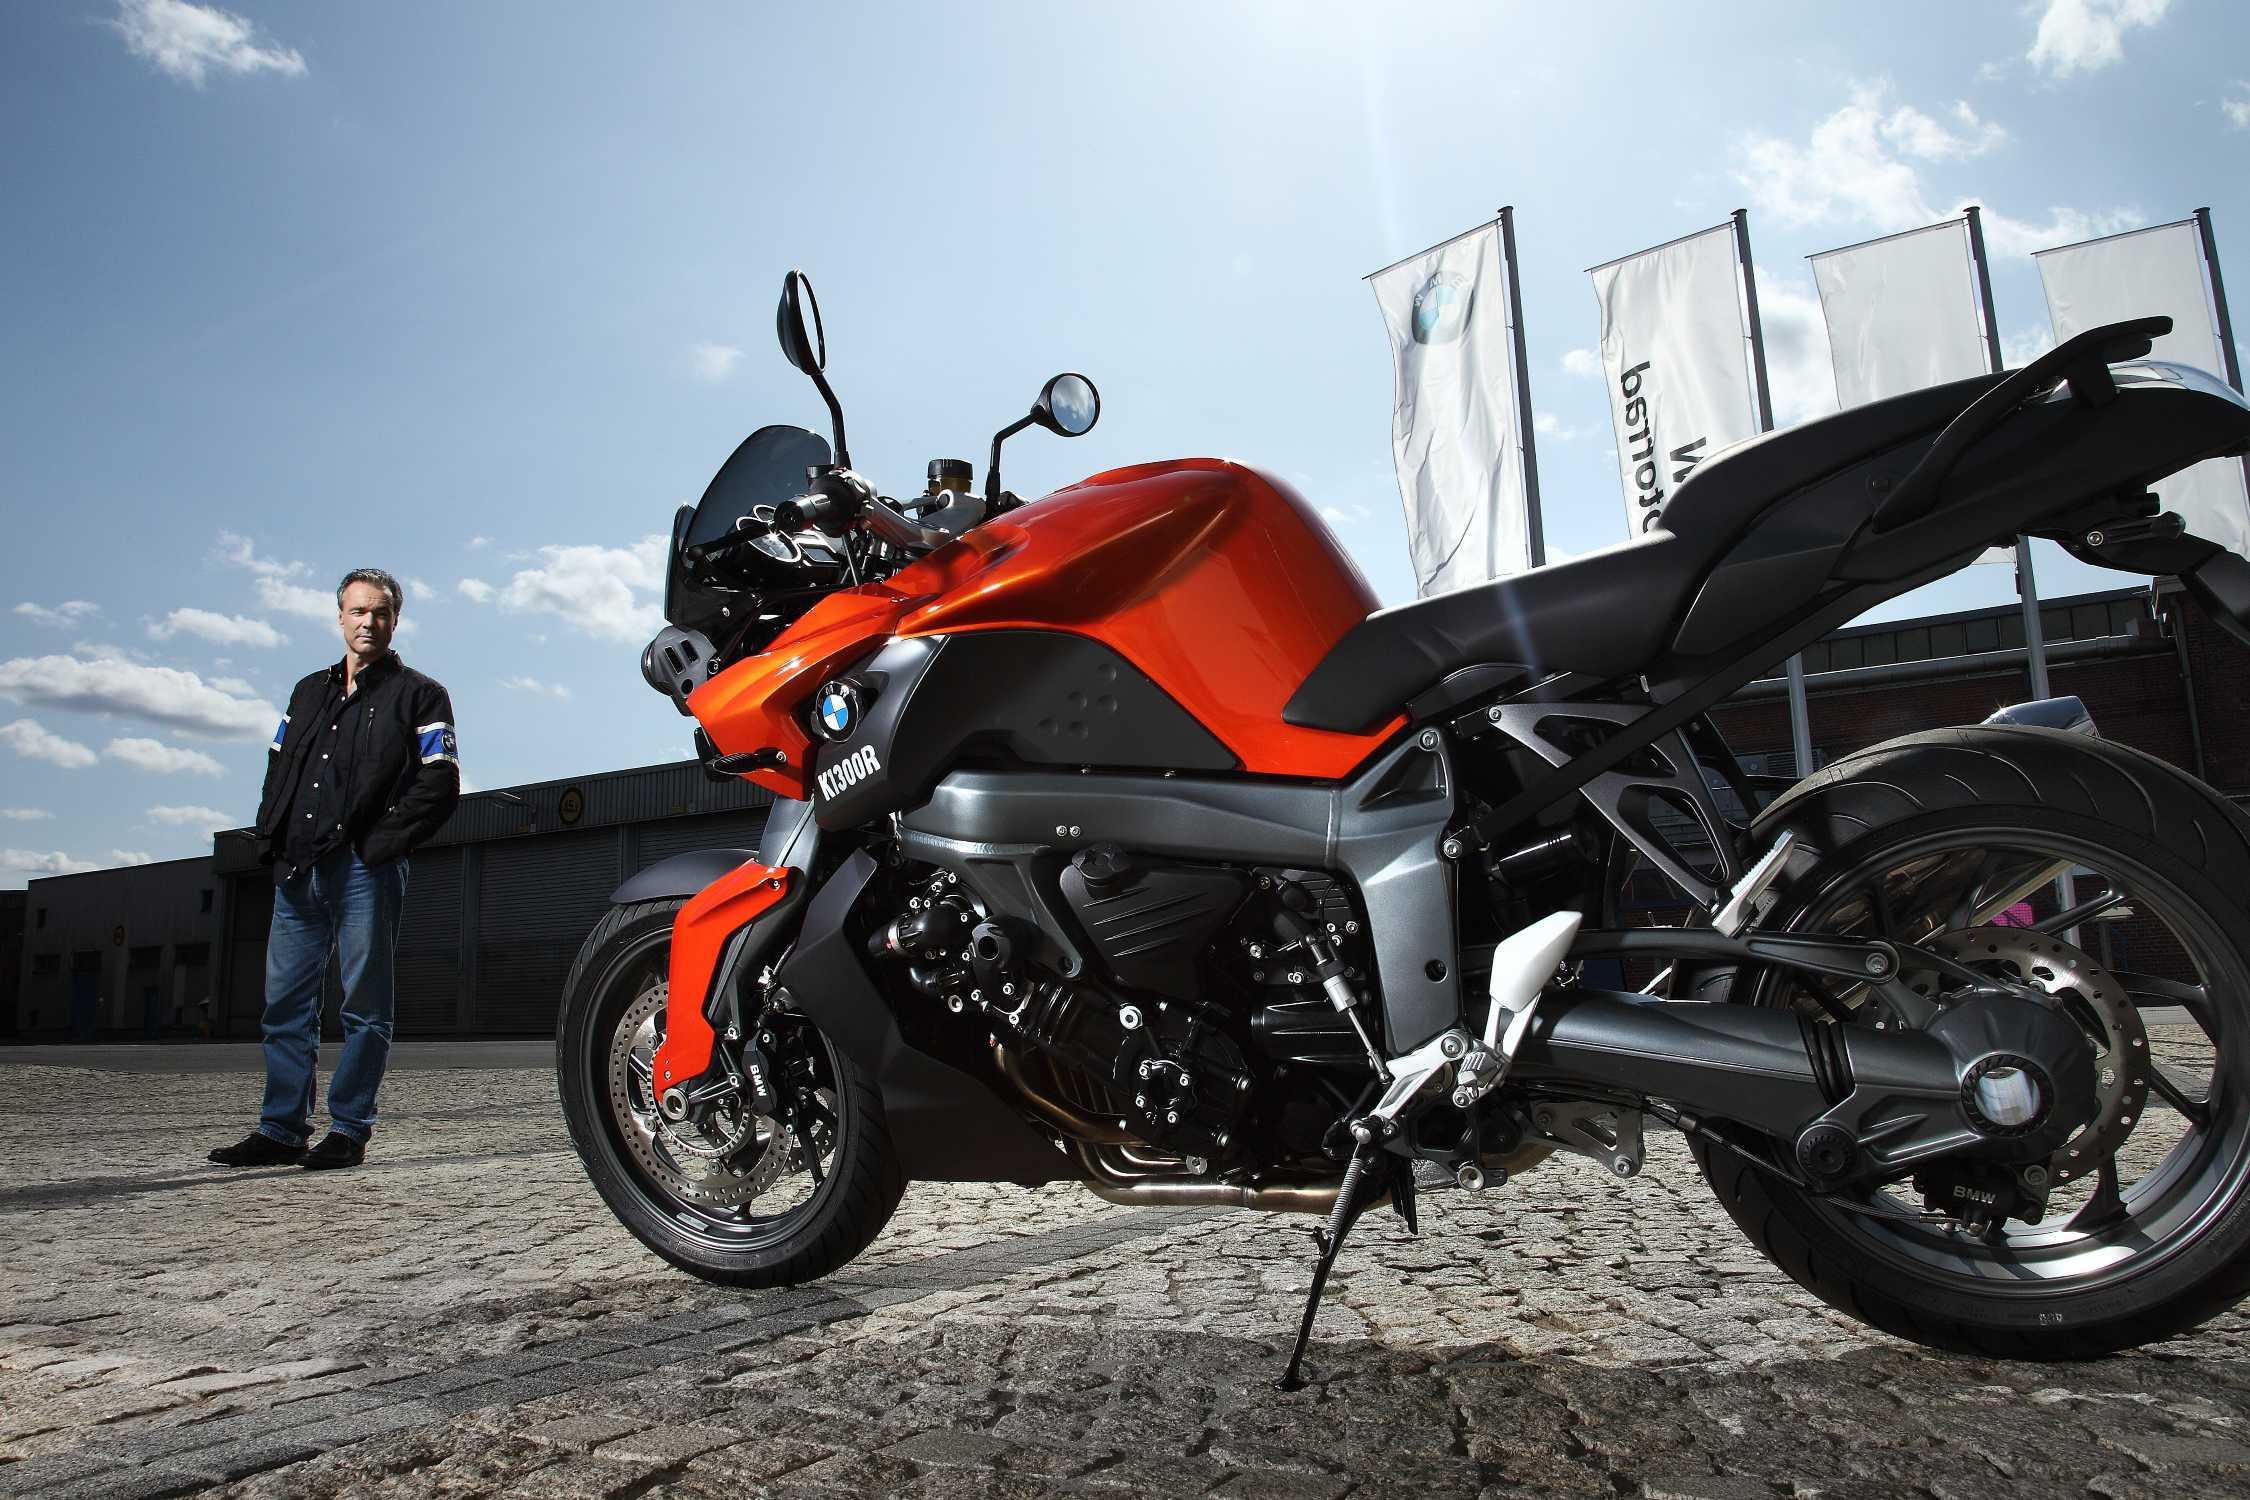 стоимость мотоцикла БМВ последней модели байкерских #8